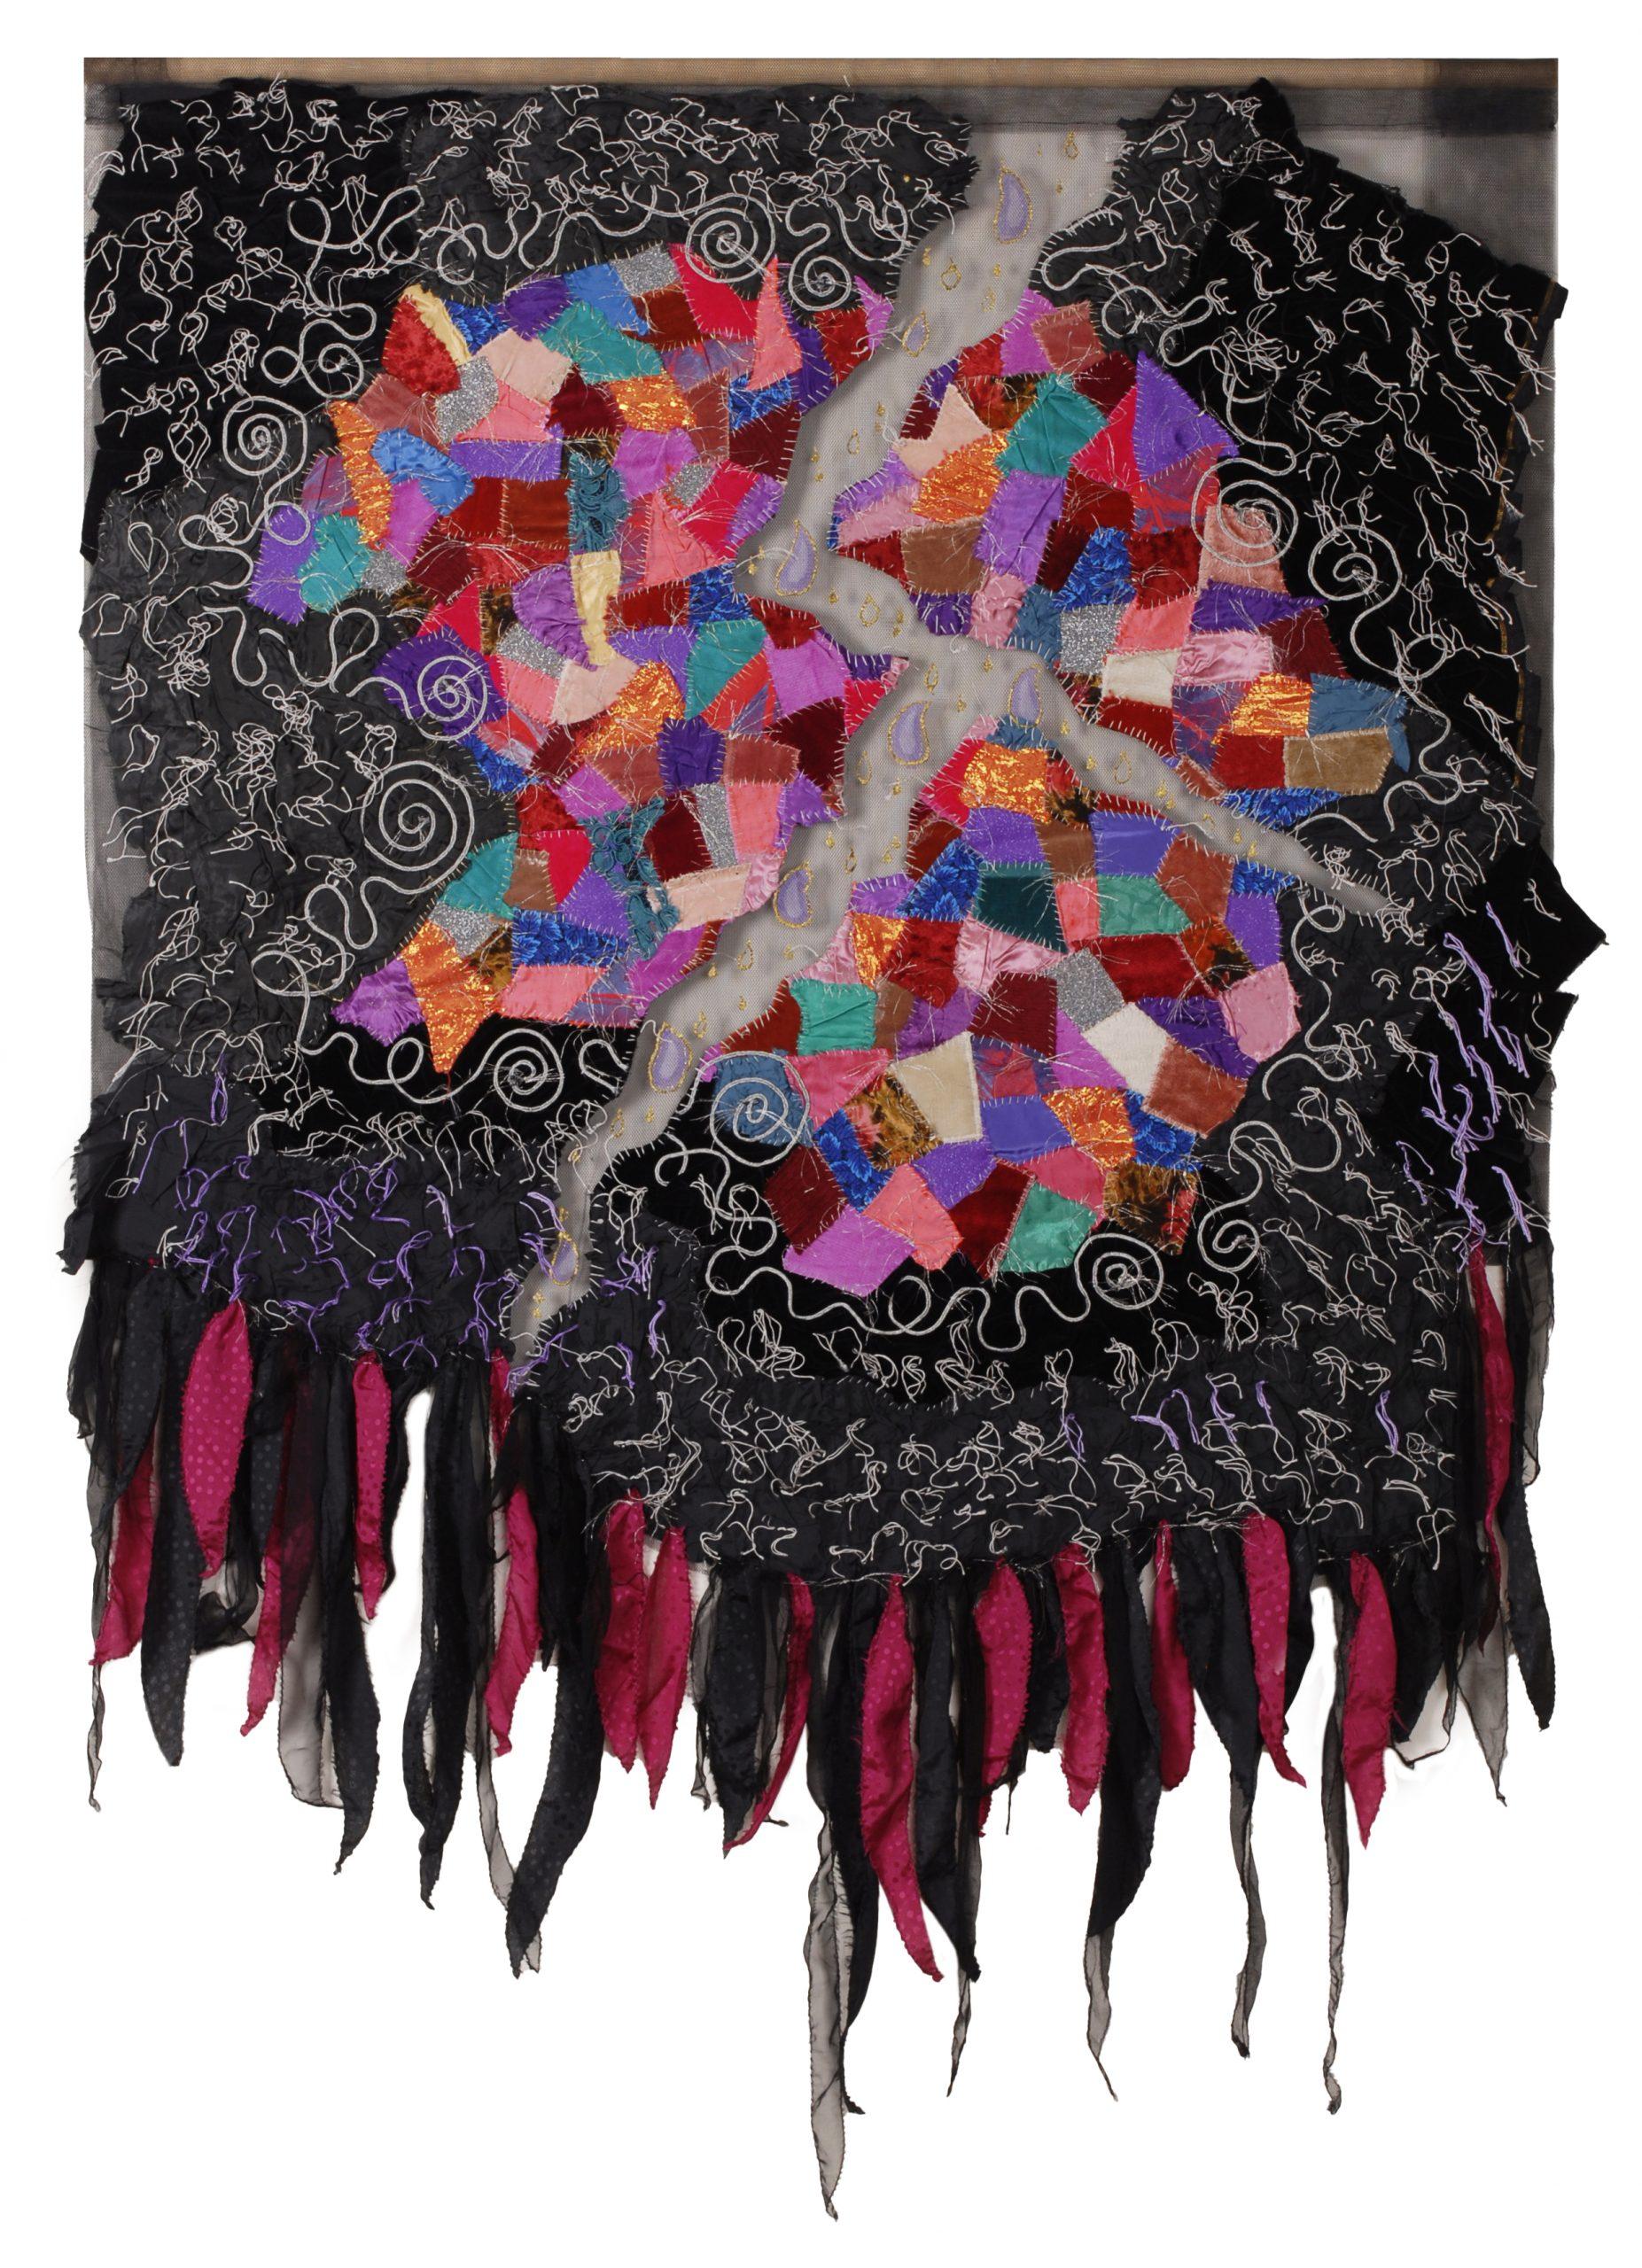 Broken Dreams (1994) 175cm H x 130cm W